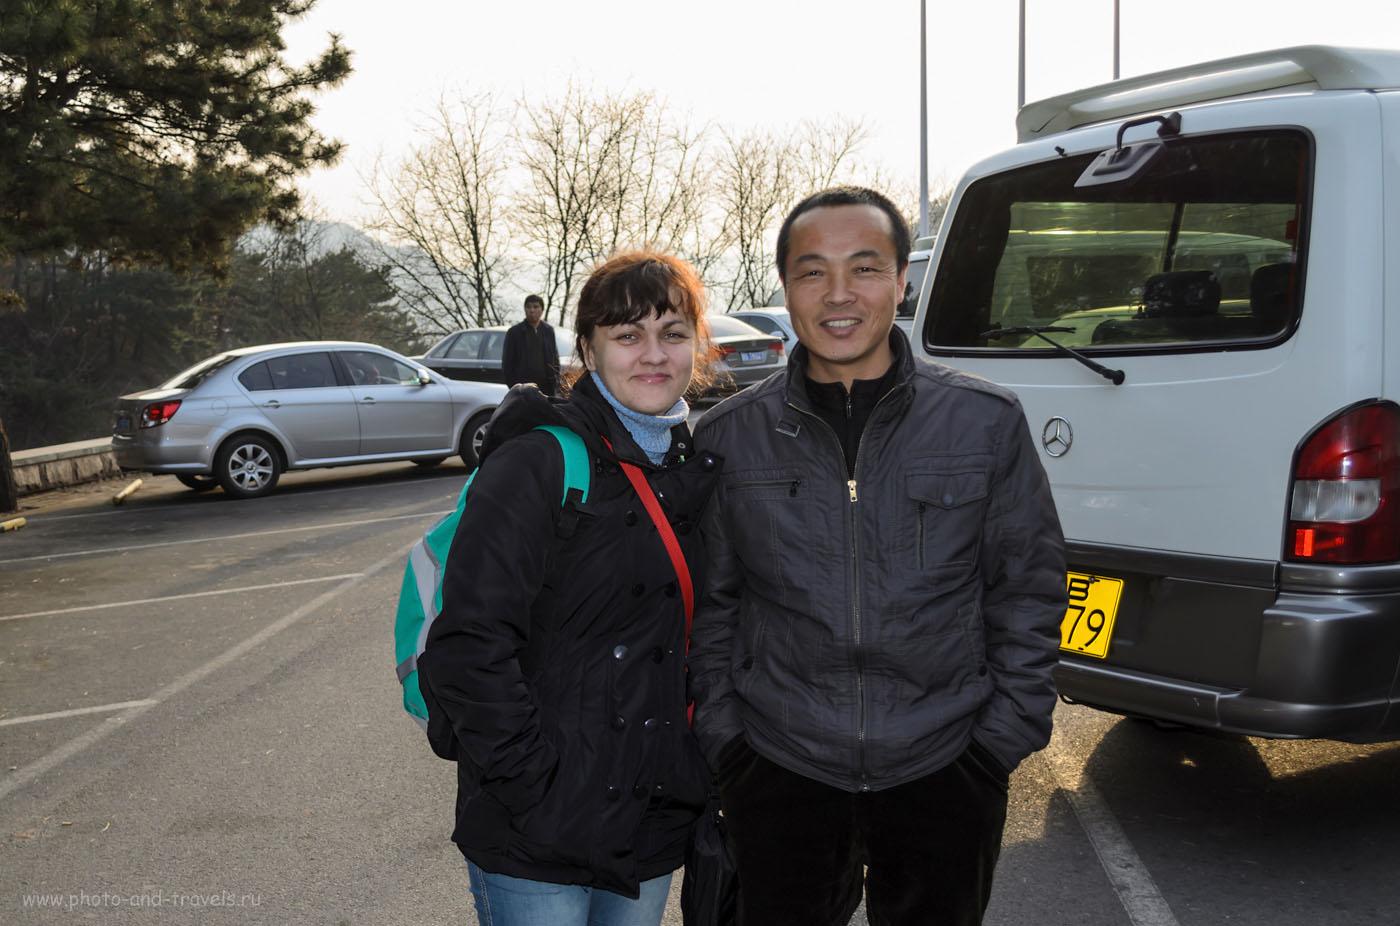 Фотография 2. Наш добровольный провожатый - водитель такси, с которым мы приехали в Мутяньюй. Экскурсии в Пекине. Как добраться на Великую Китайскую Стену на автобусе.